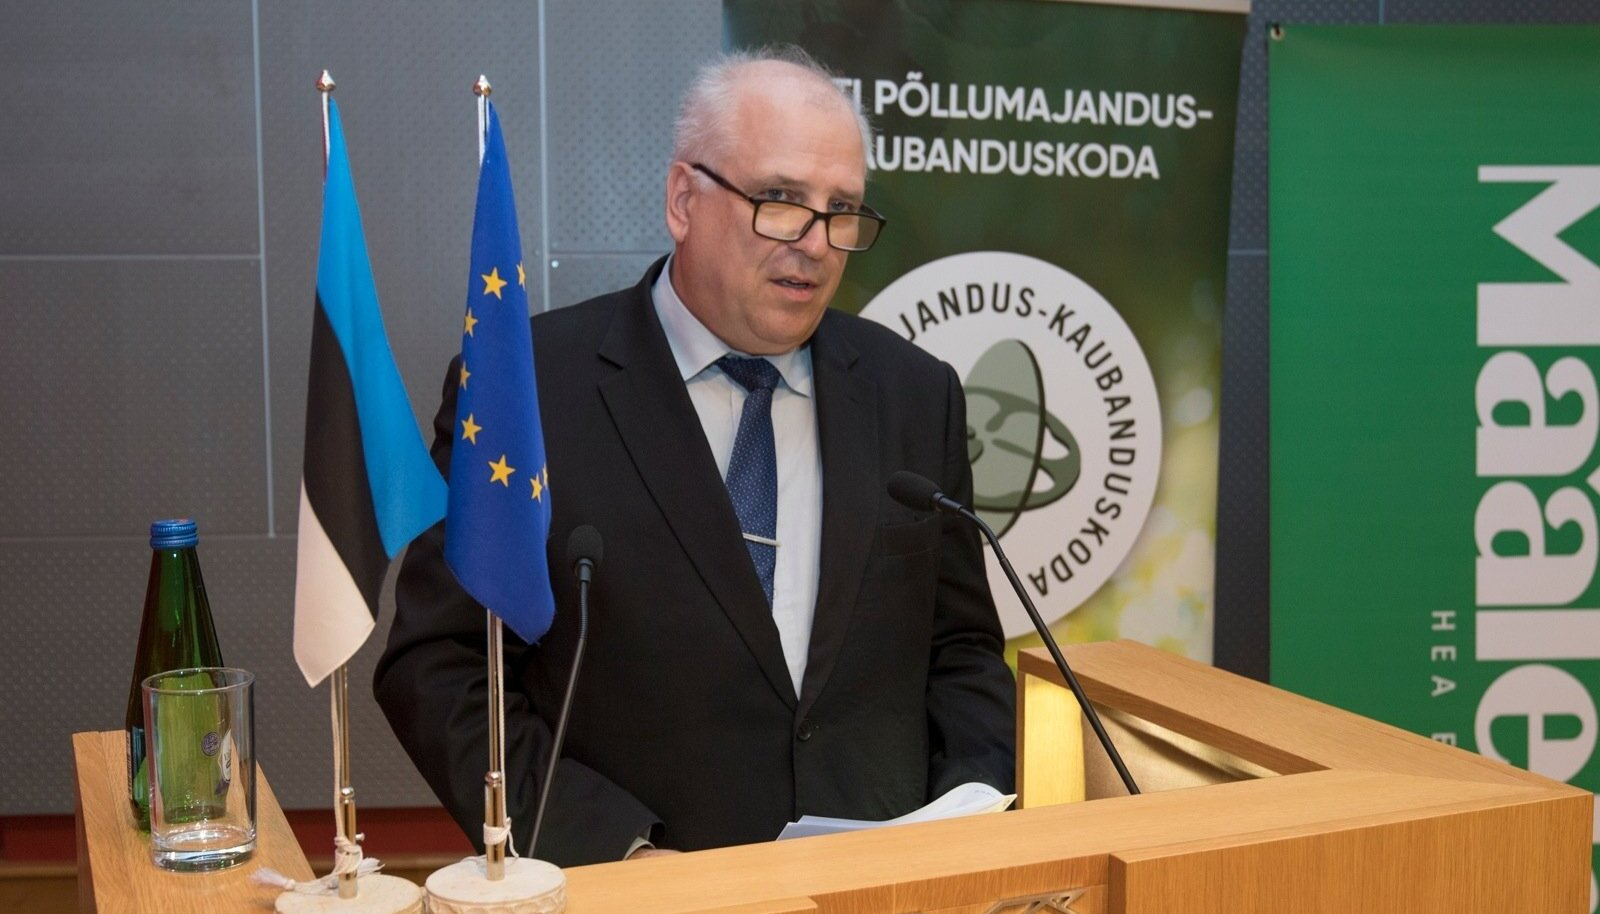 Aasta Põllumees 2019 konverents Riigikogu konverentsisaalis